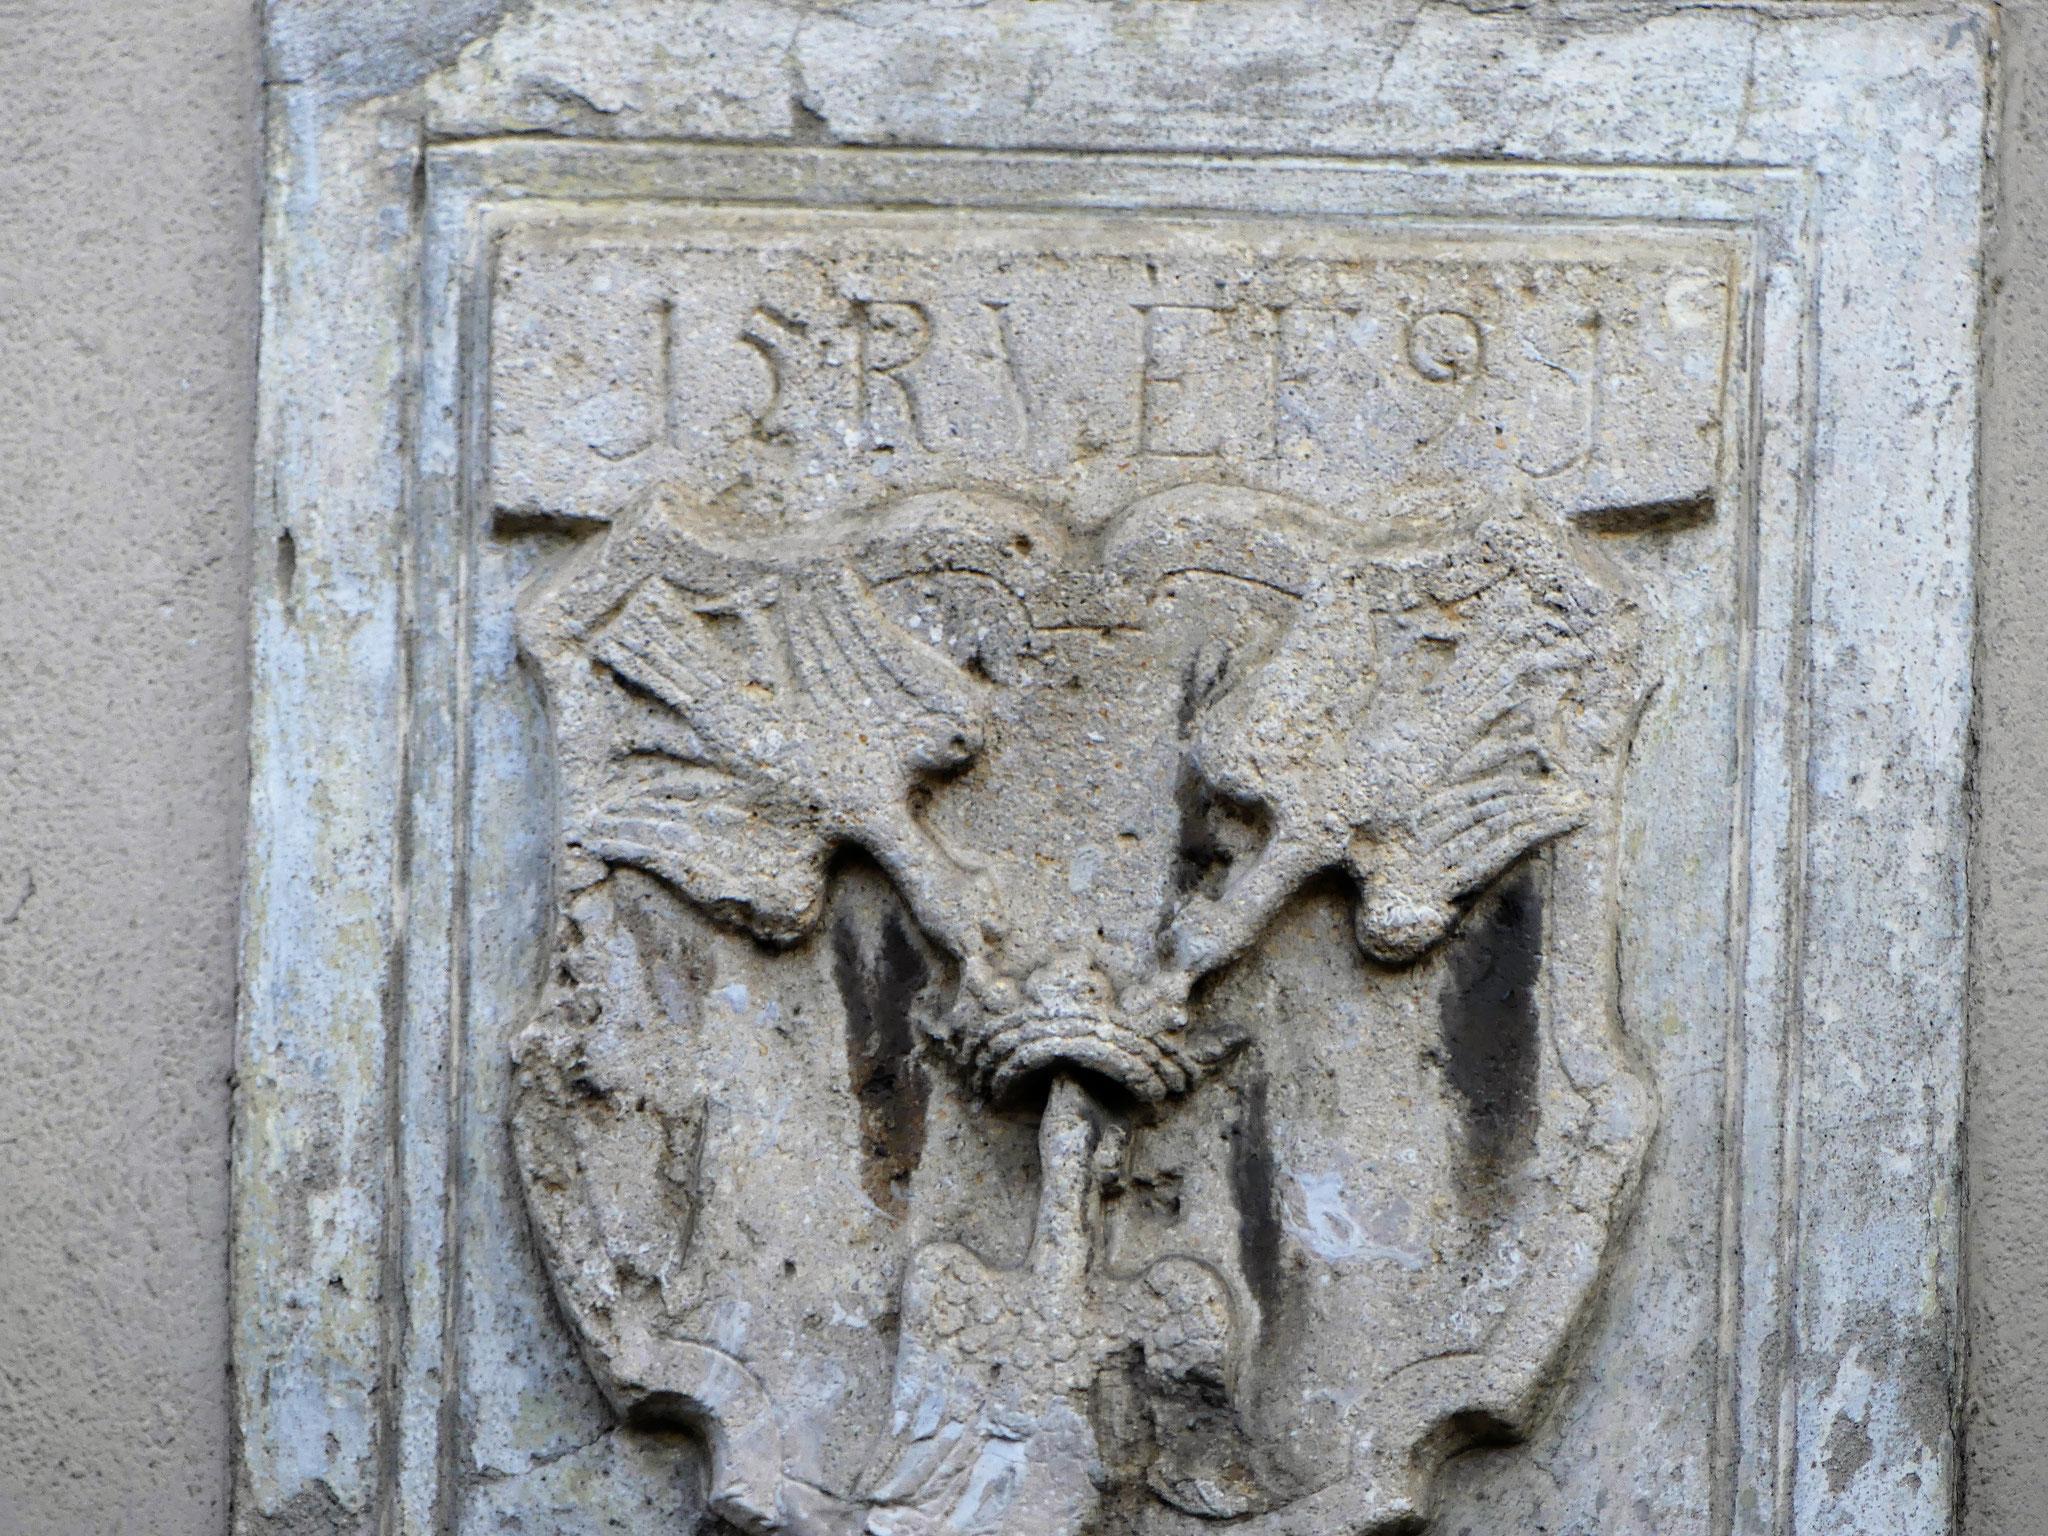 Wappen der Eggenberger - 3 Raben mit der Krone